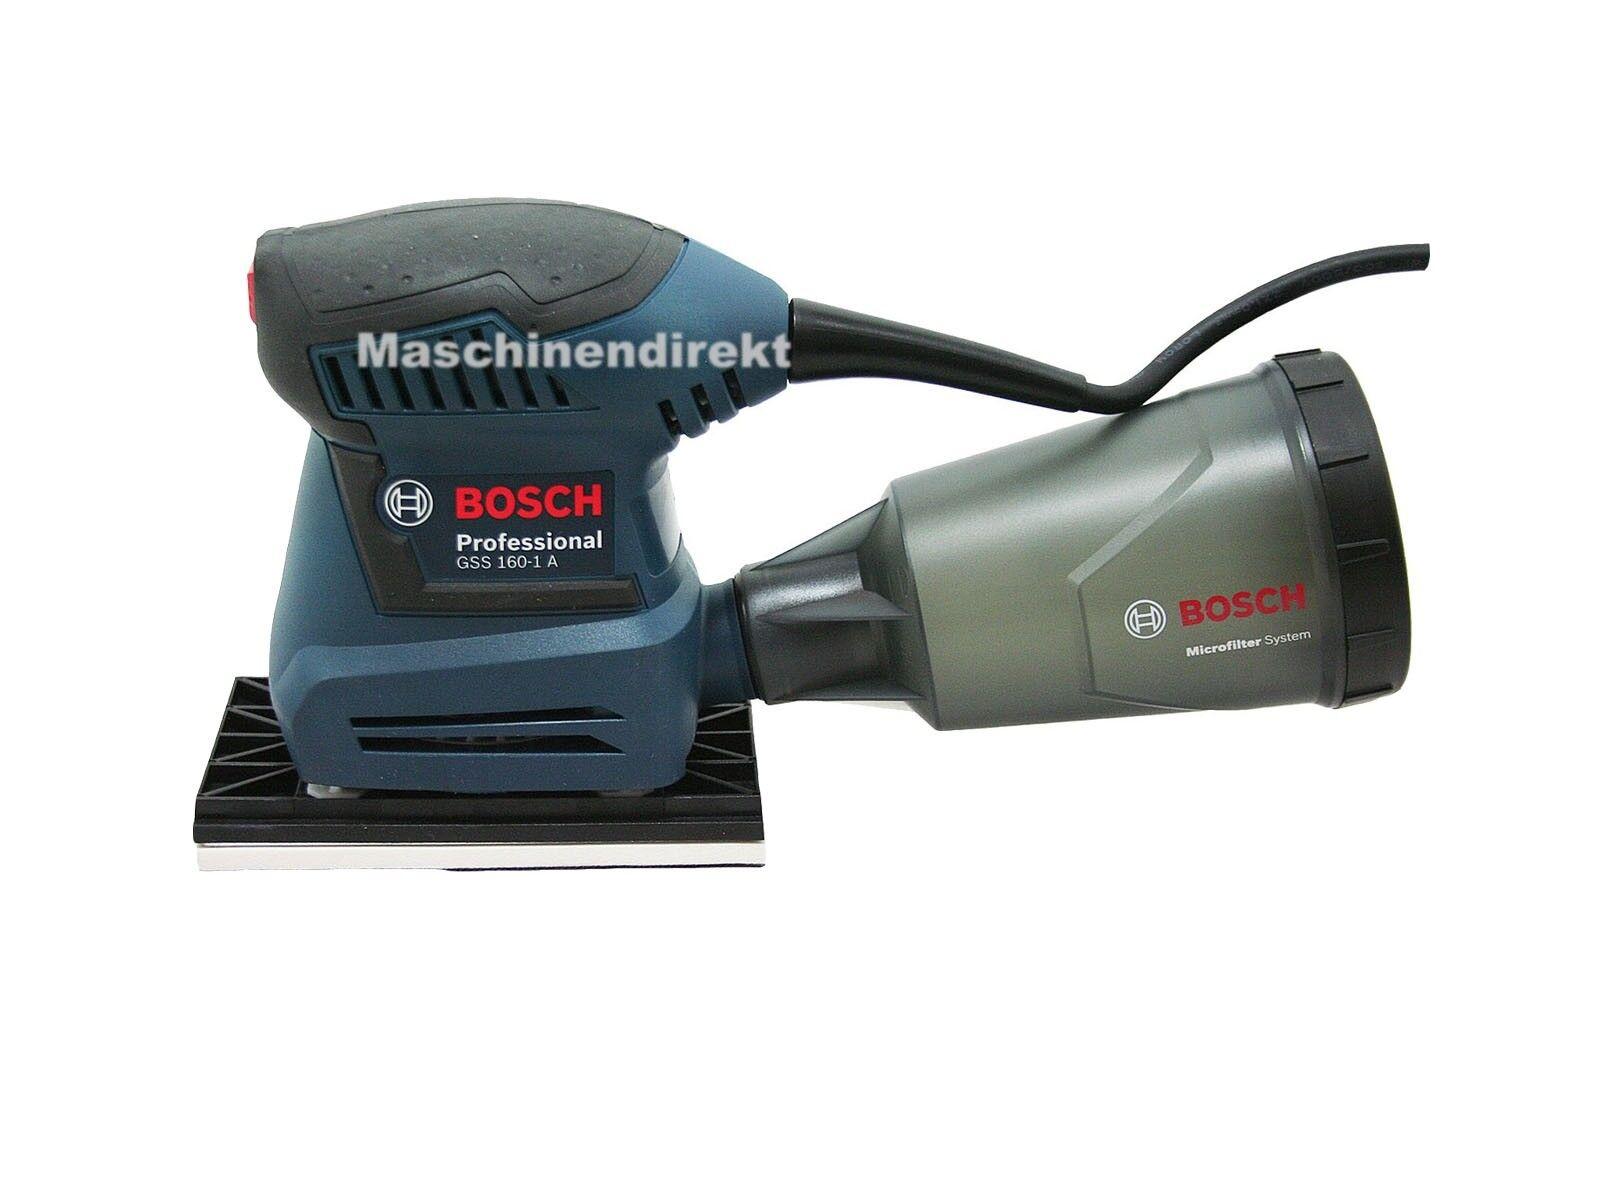 Bosch Schwingschleifer GSS 160-1 A + Microfilter Staubbox 180 W 80 x 133 mm